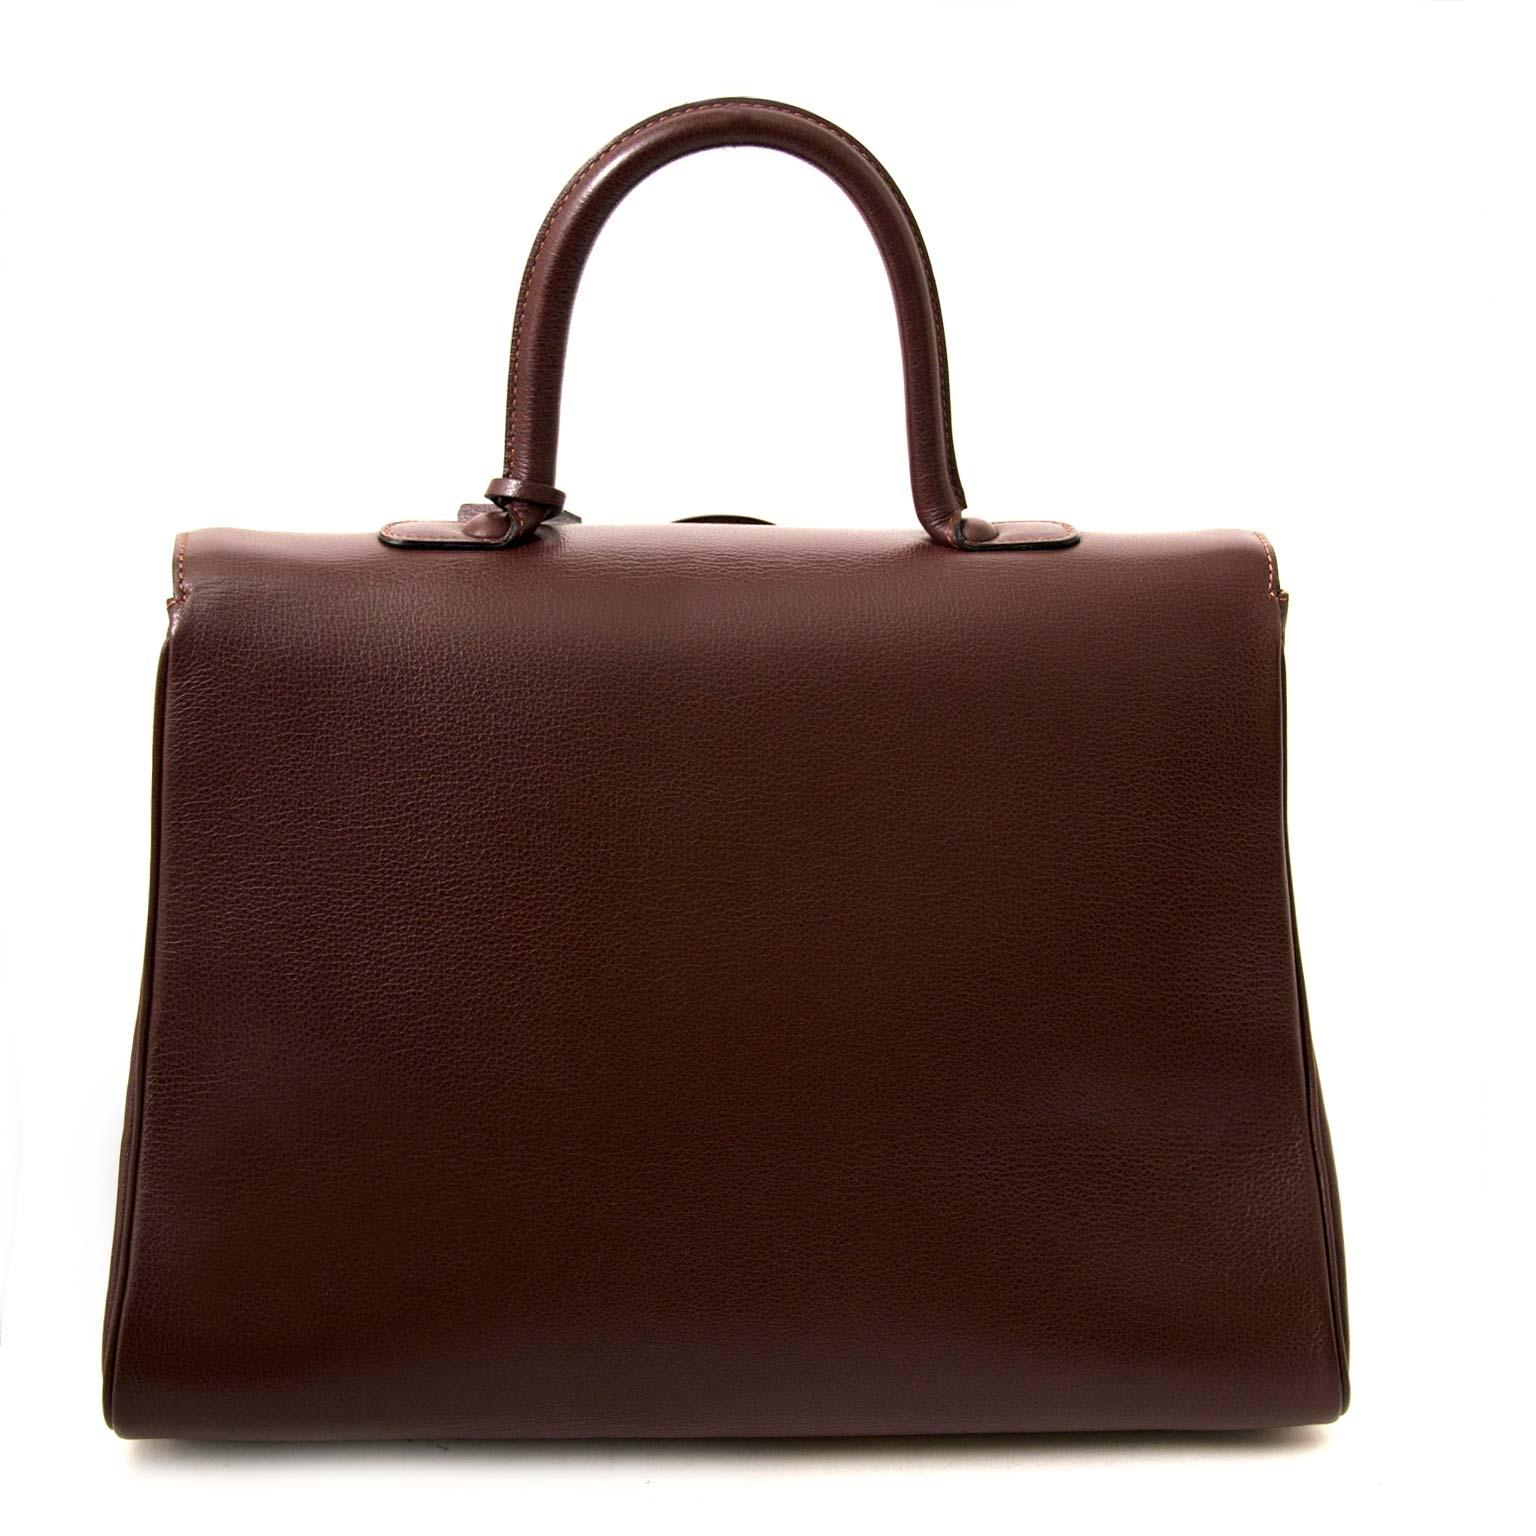 Koop en verkoop uw authentieke esigner tas